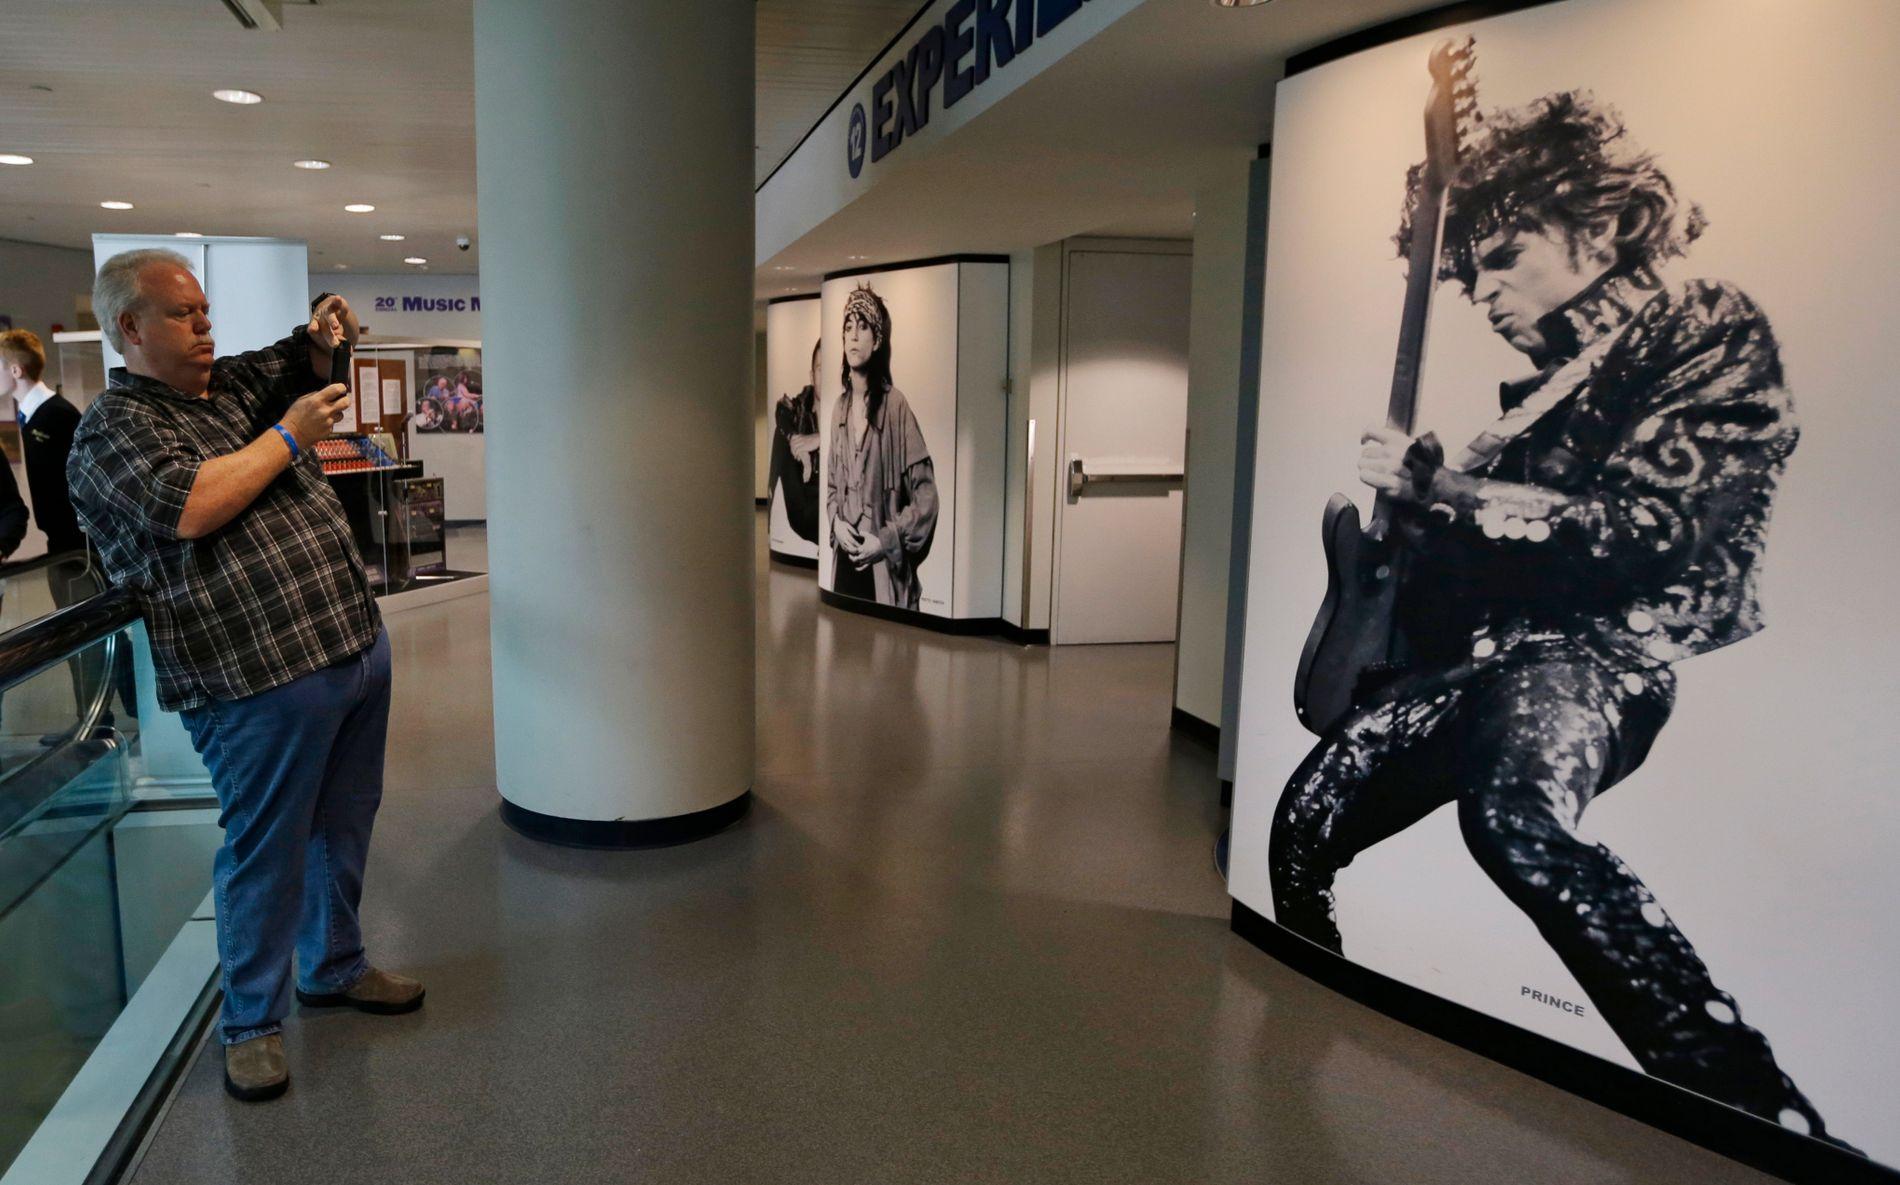 Miles Smith fra Houston, Texas, tok fredag bilde av Prince-veggen ved Rock and Roll Hall of Fame and Museum i Cleveland. Prince døde torsdag.